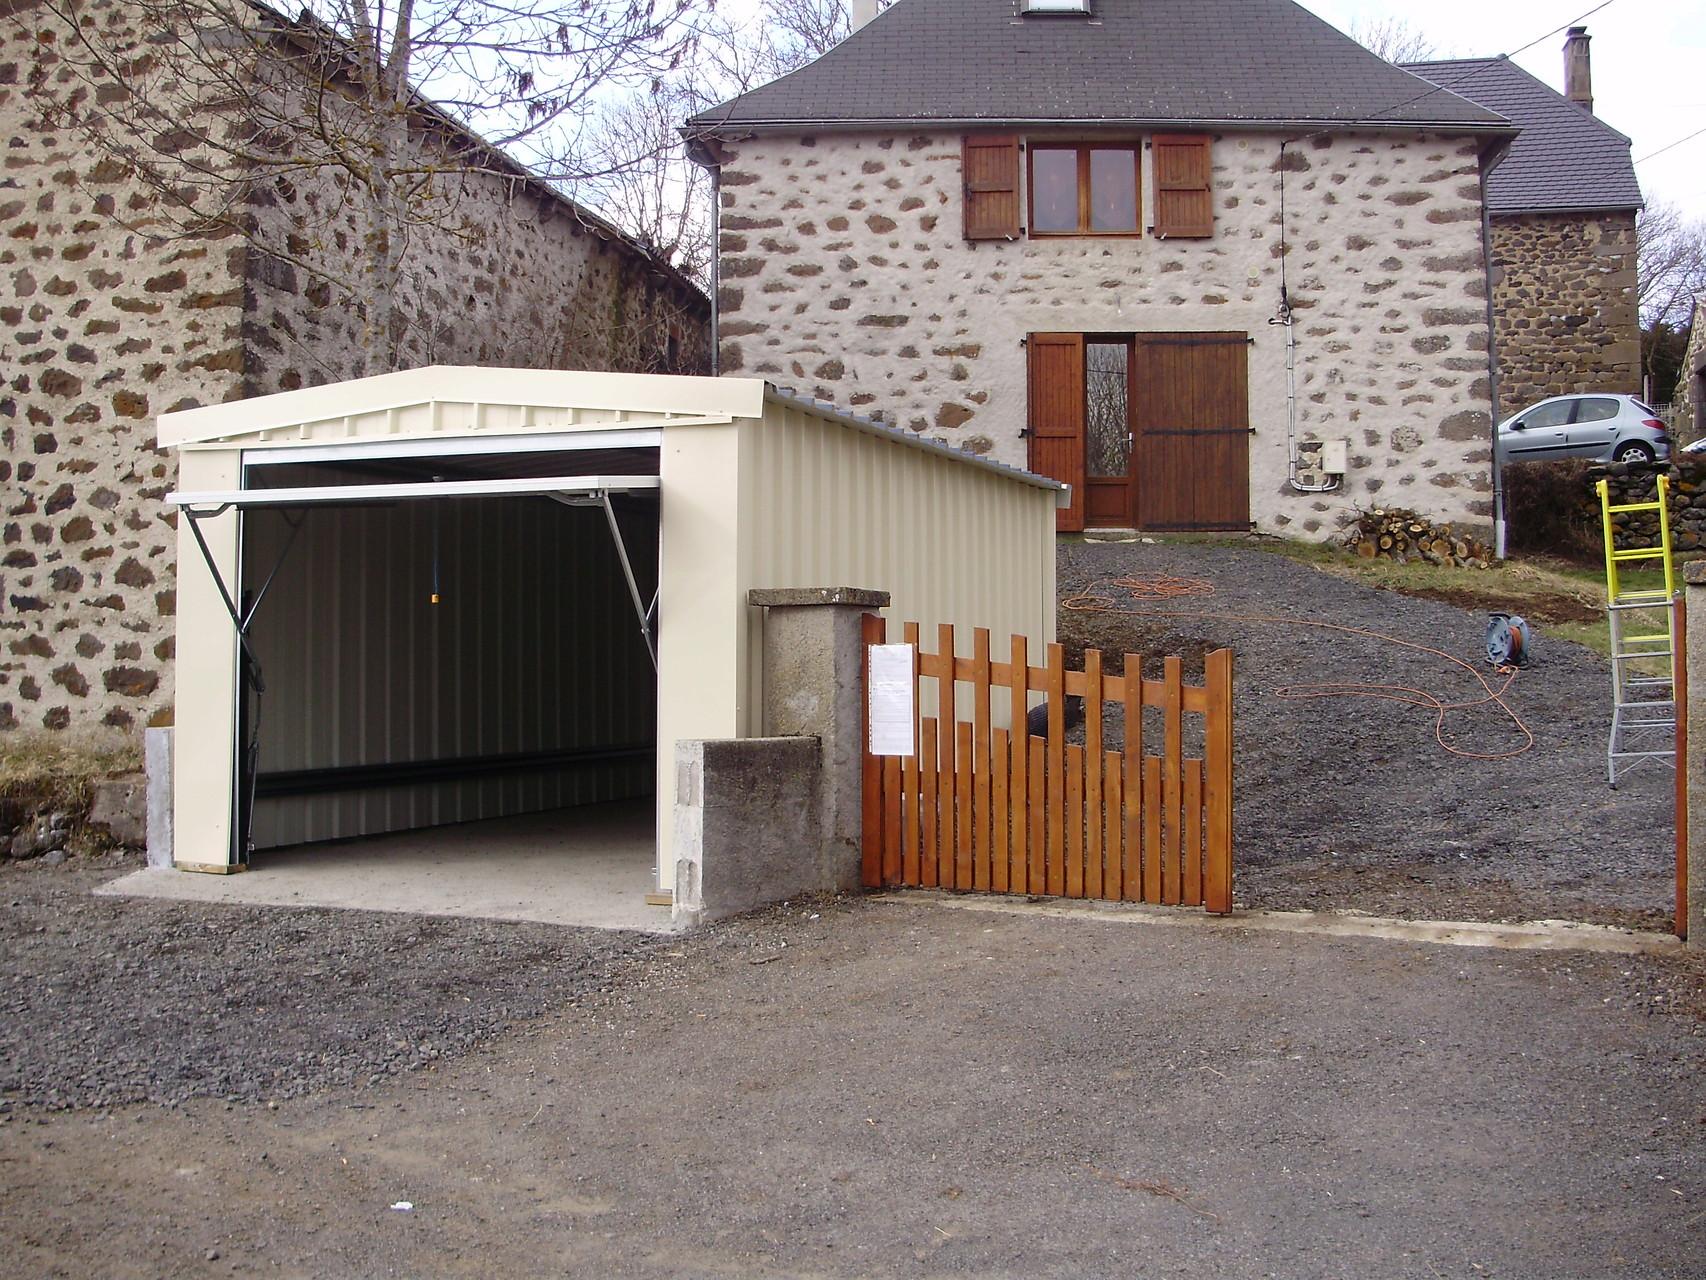 Garages abrikit abri modulaire en kit for Abri garage en kit